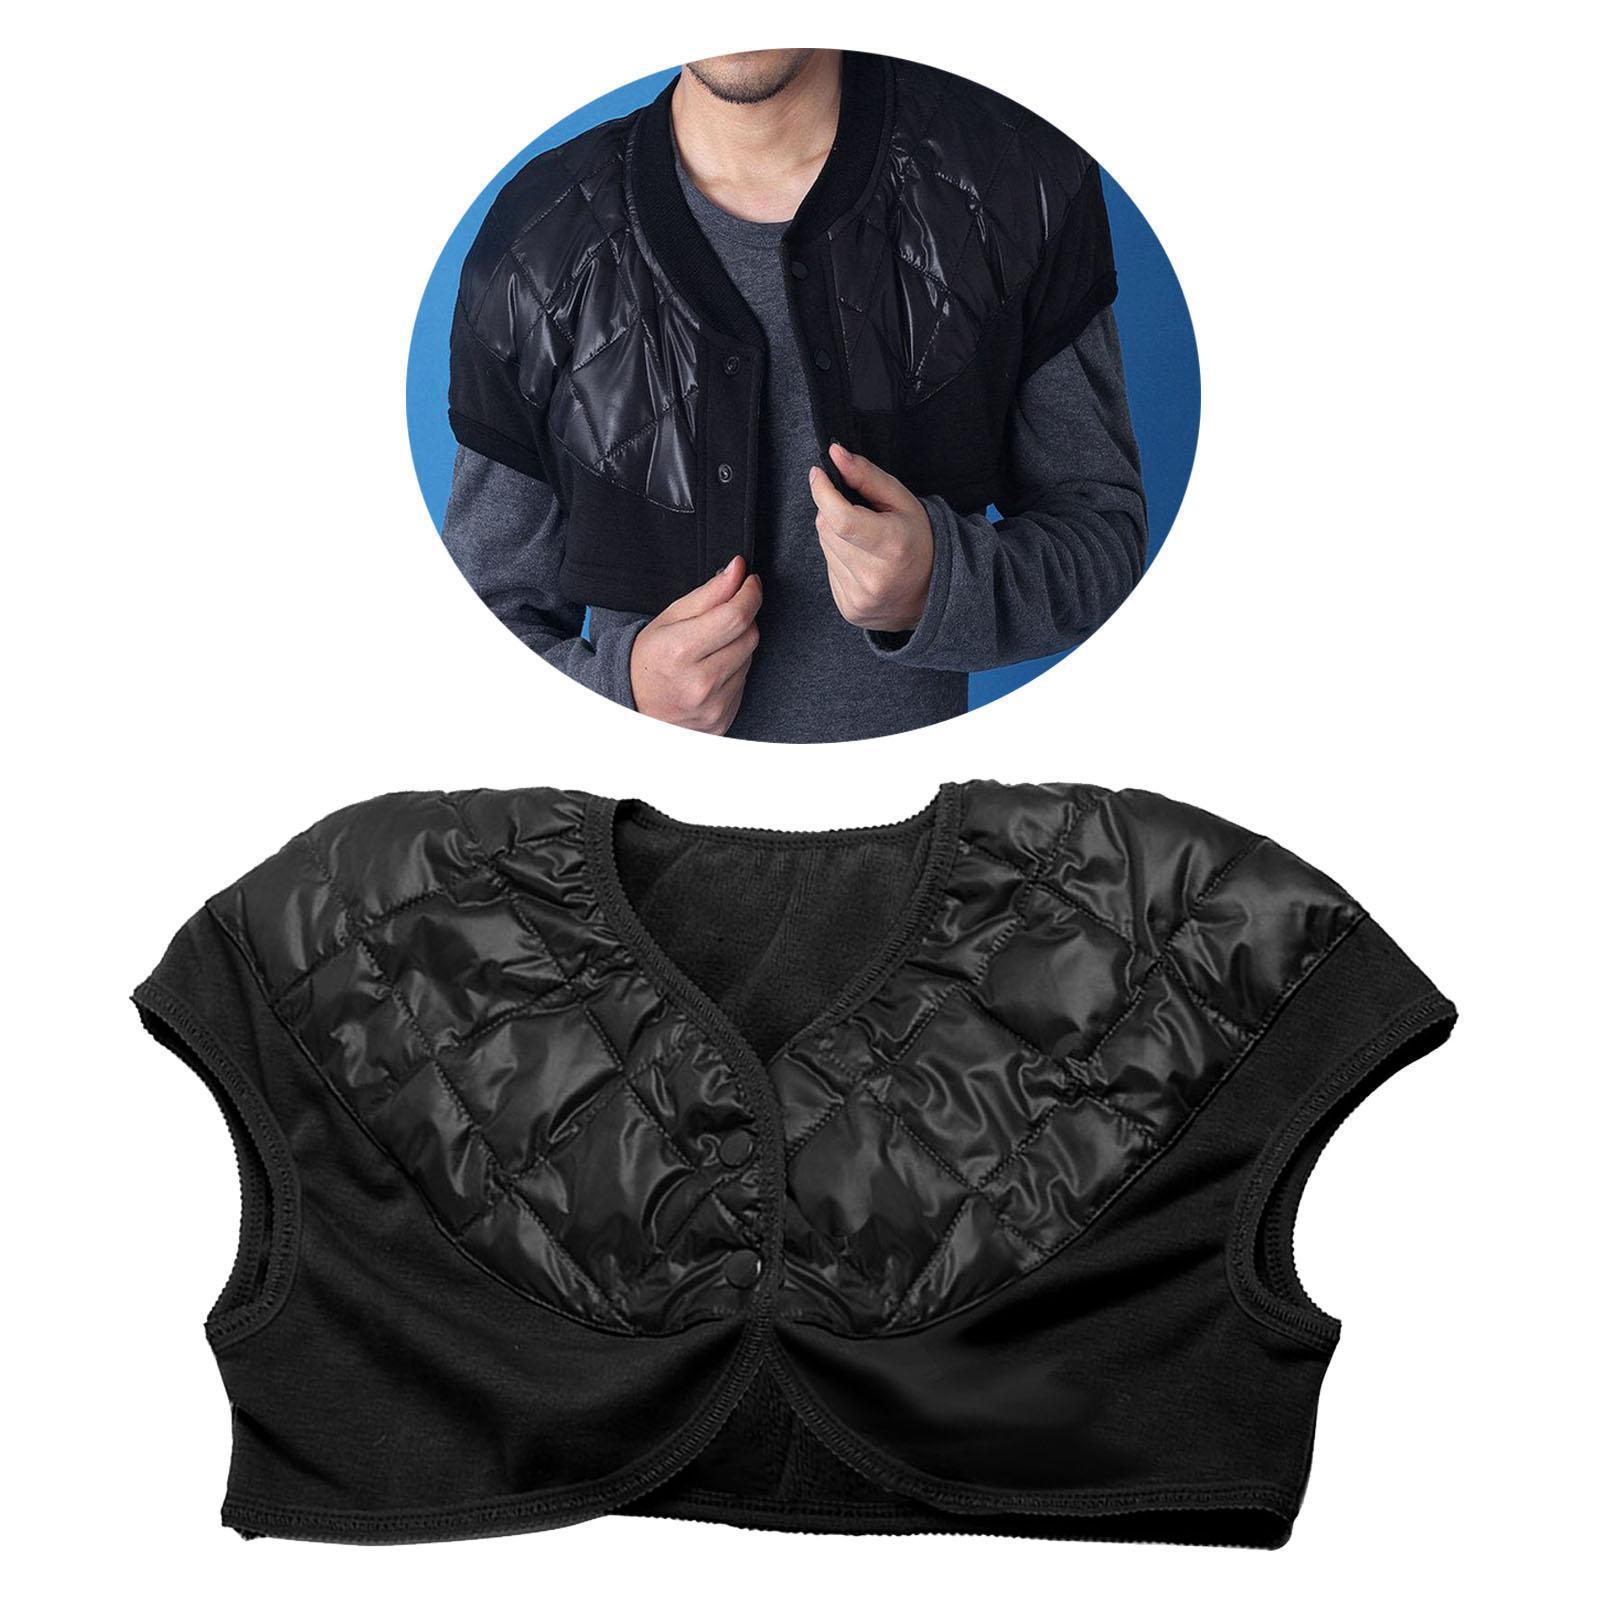 Femmes-Hommes-Down-Jacket-Chaud-Manteau-Court-Epaule-Chaud-Thermique-Wrap miniatura 22